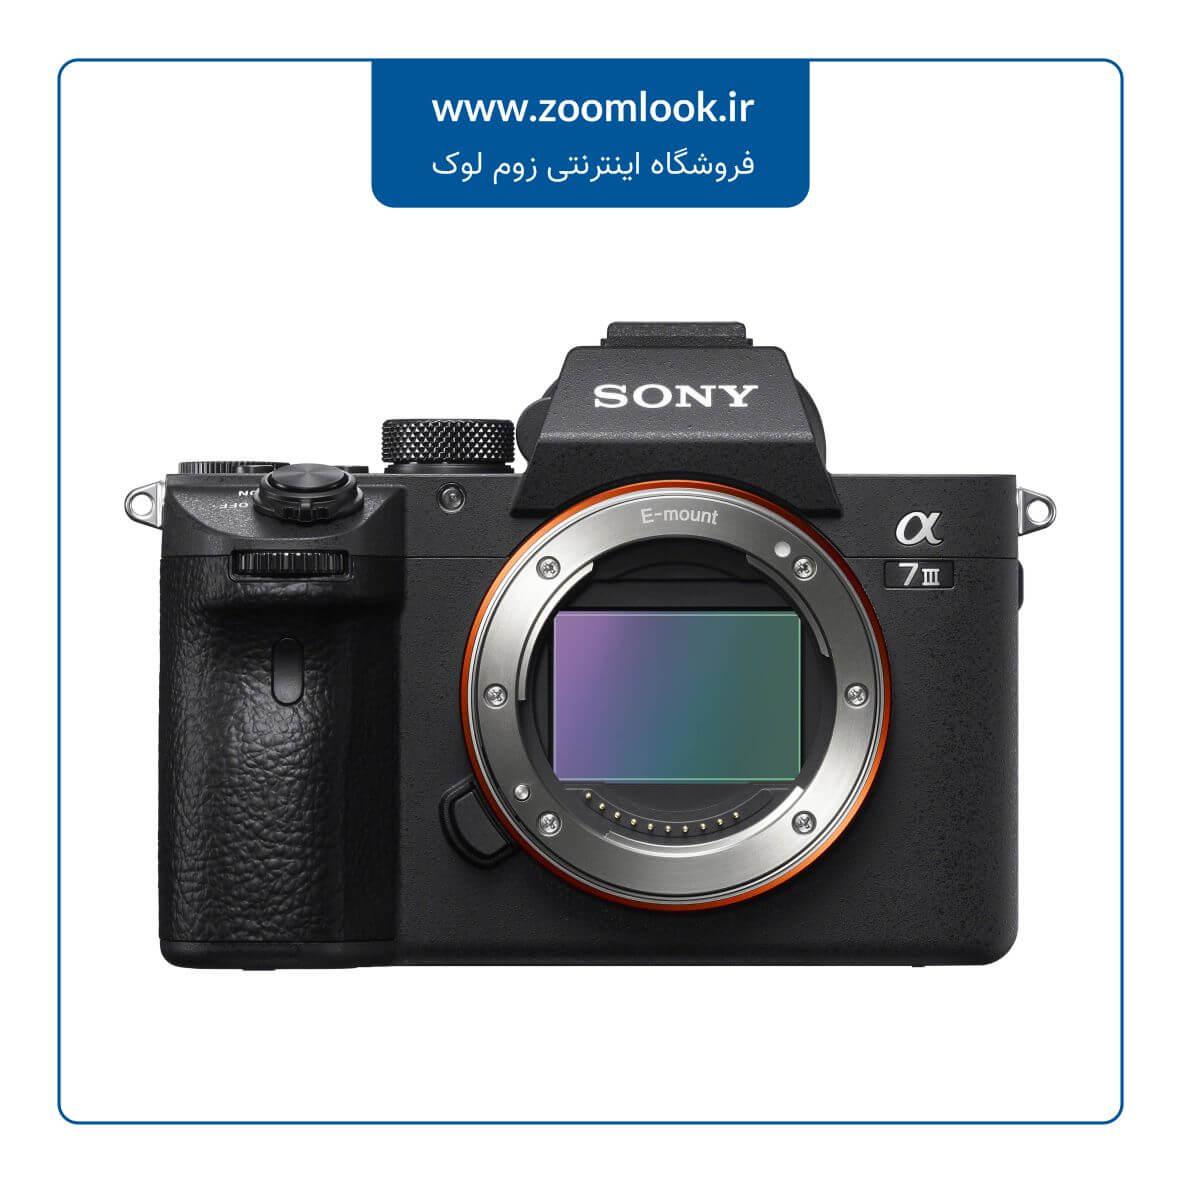 دوربین سونی Sony Alpha a7 III Mirrorless Digital Camera